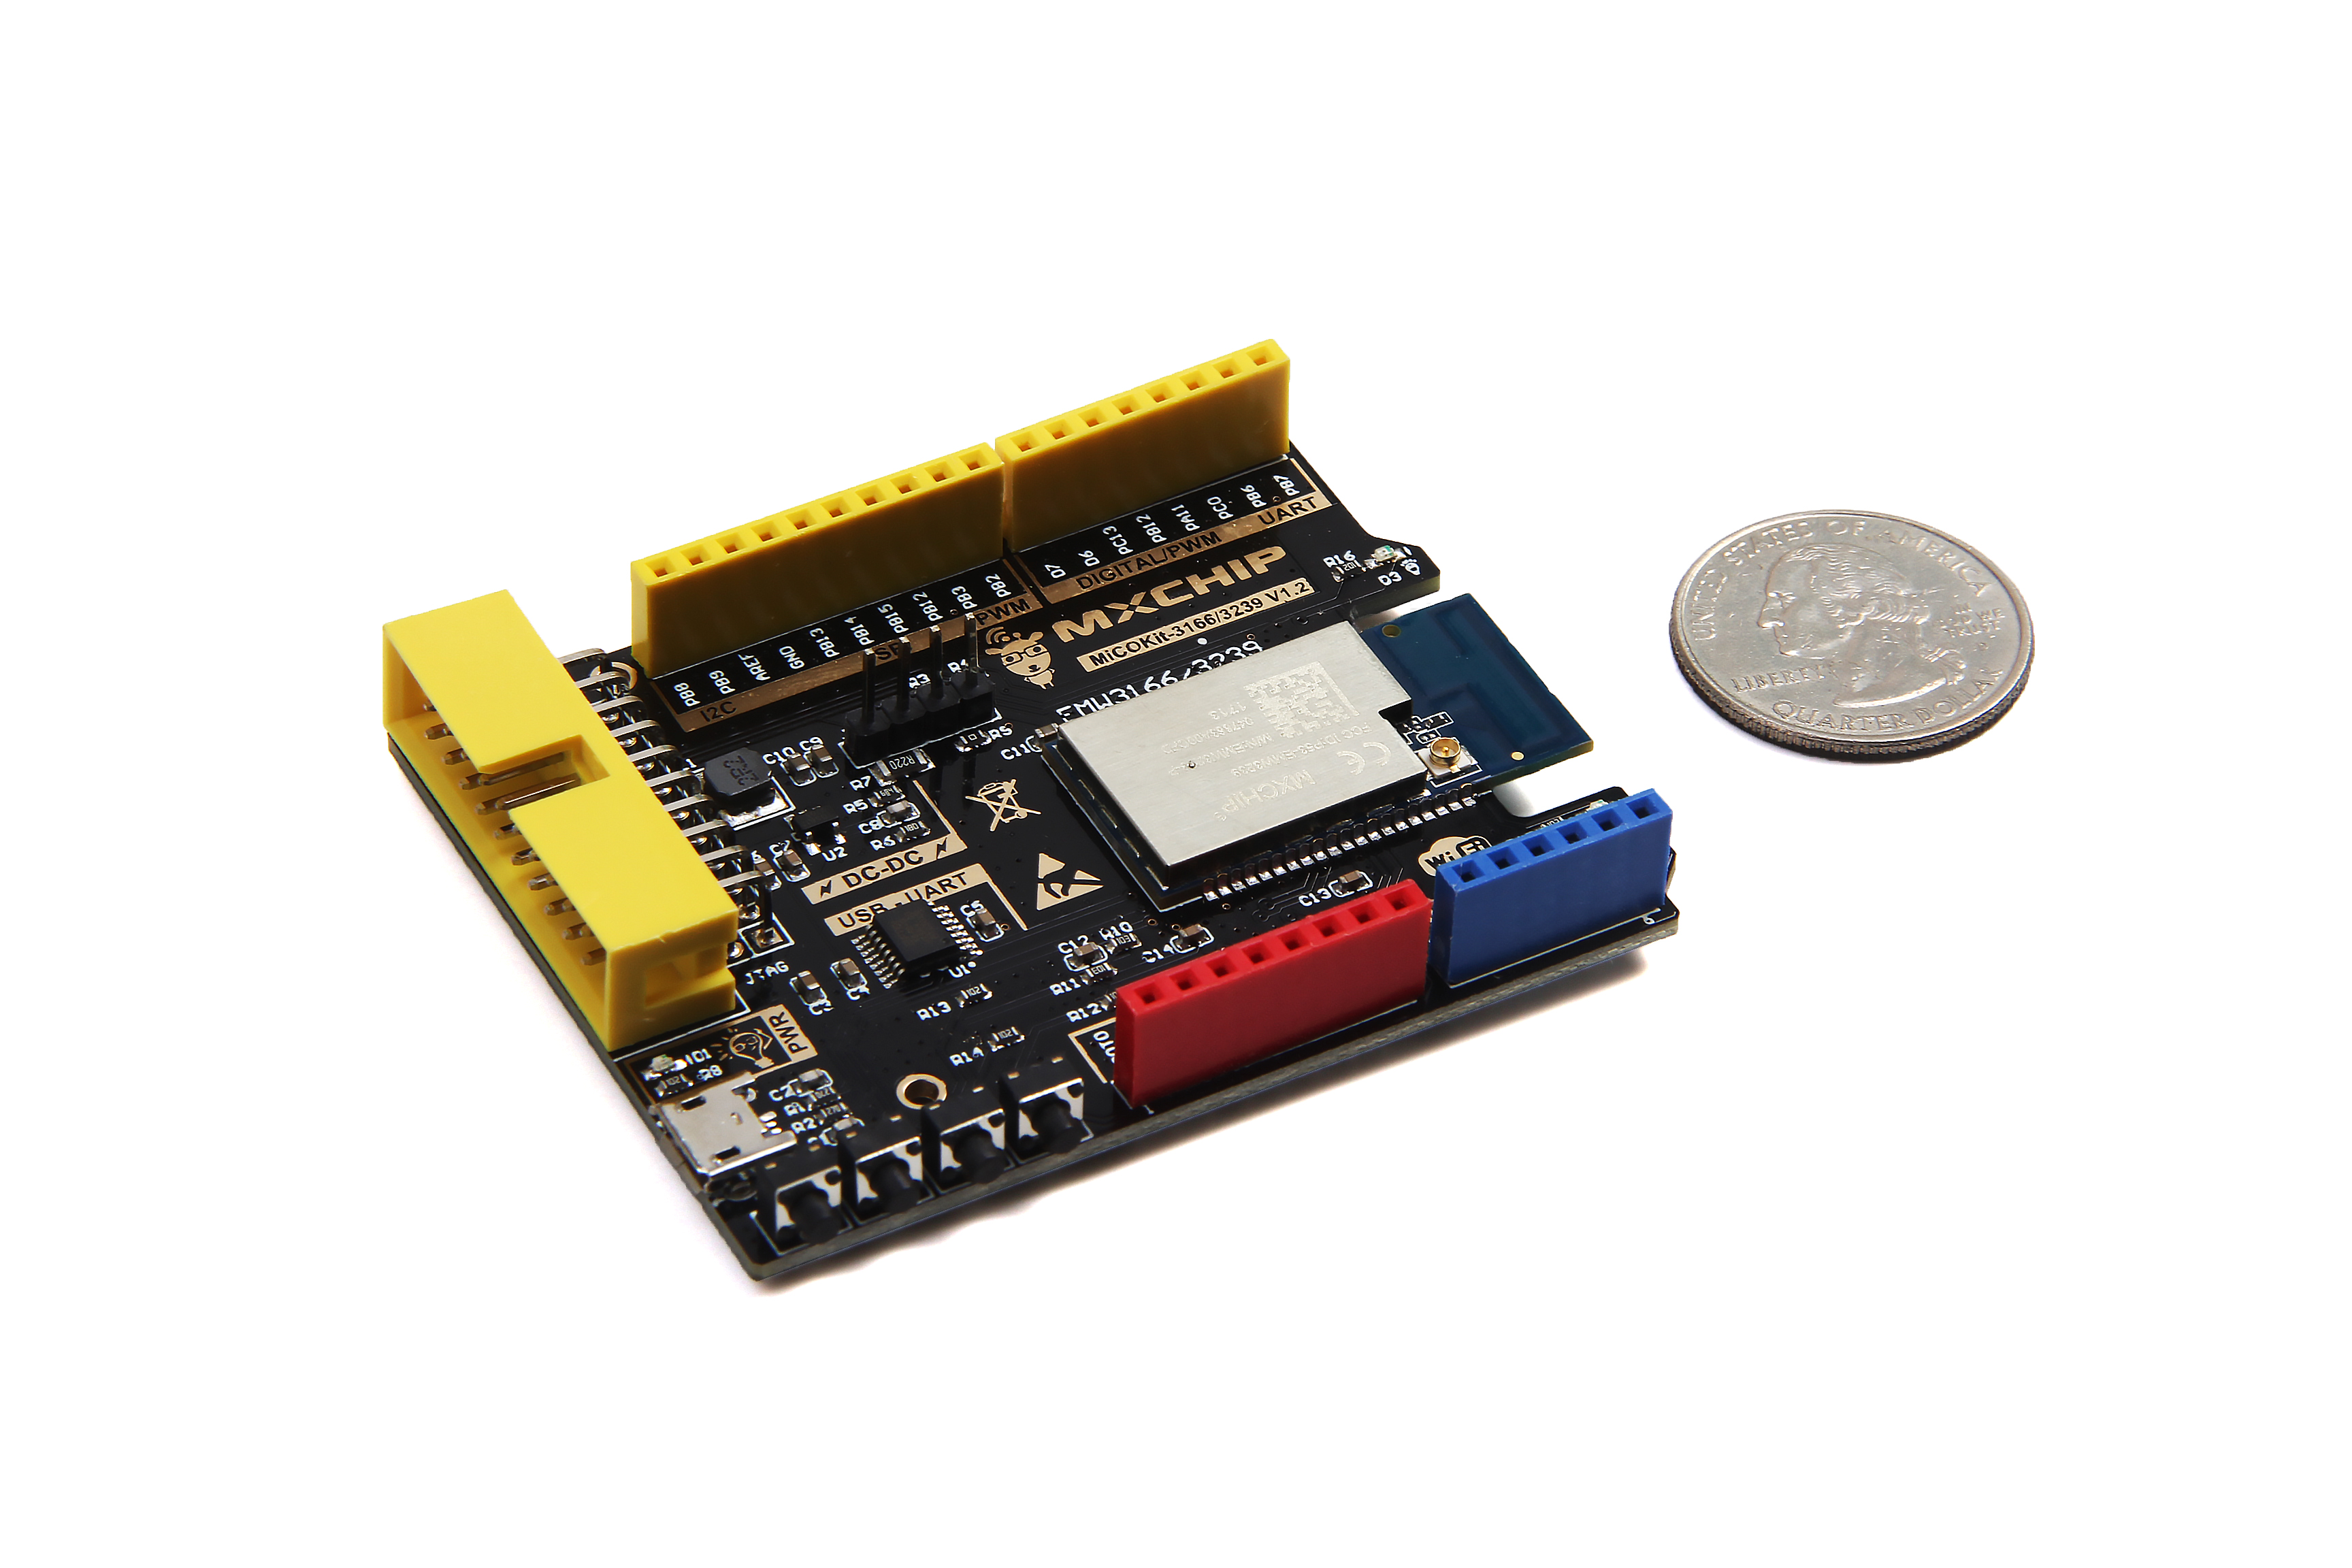 MiCOKit-3239 Development Board